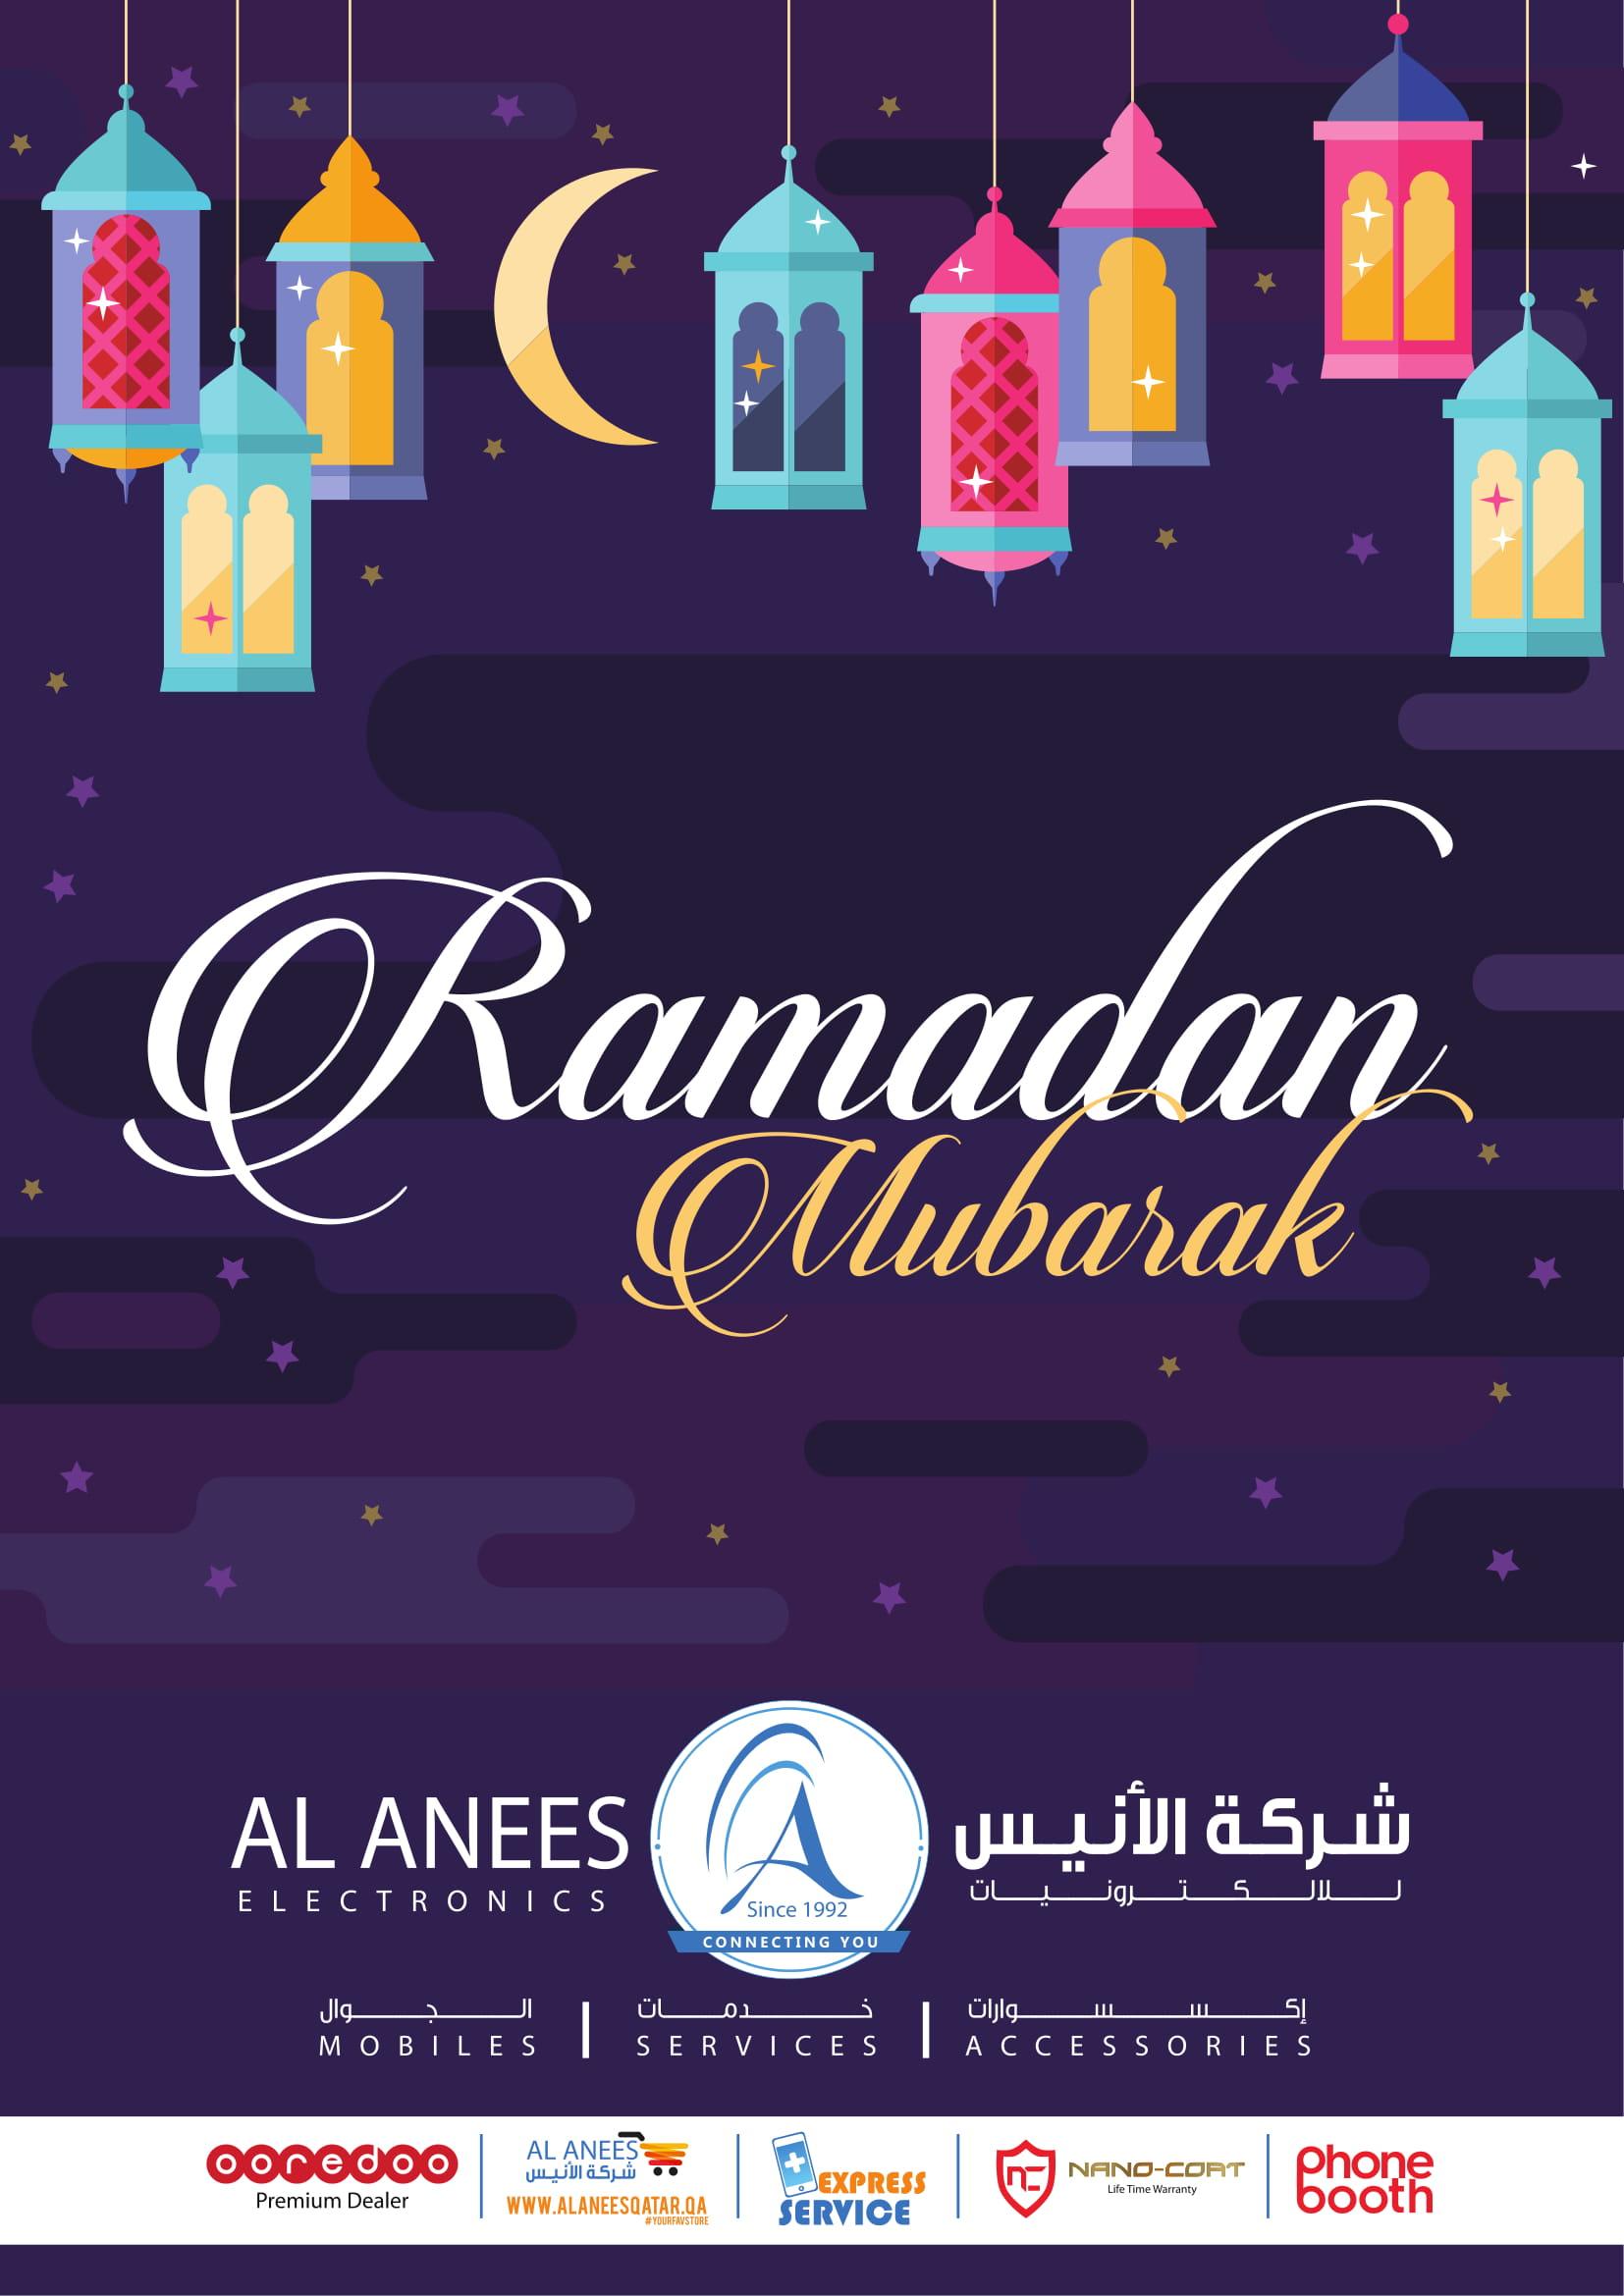 AlaneesQatar Ramadan Offers